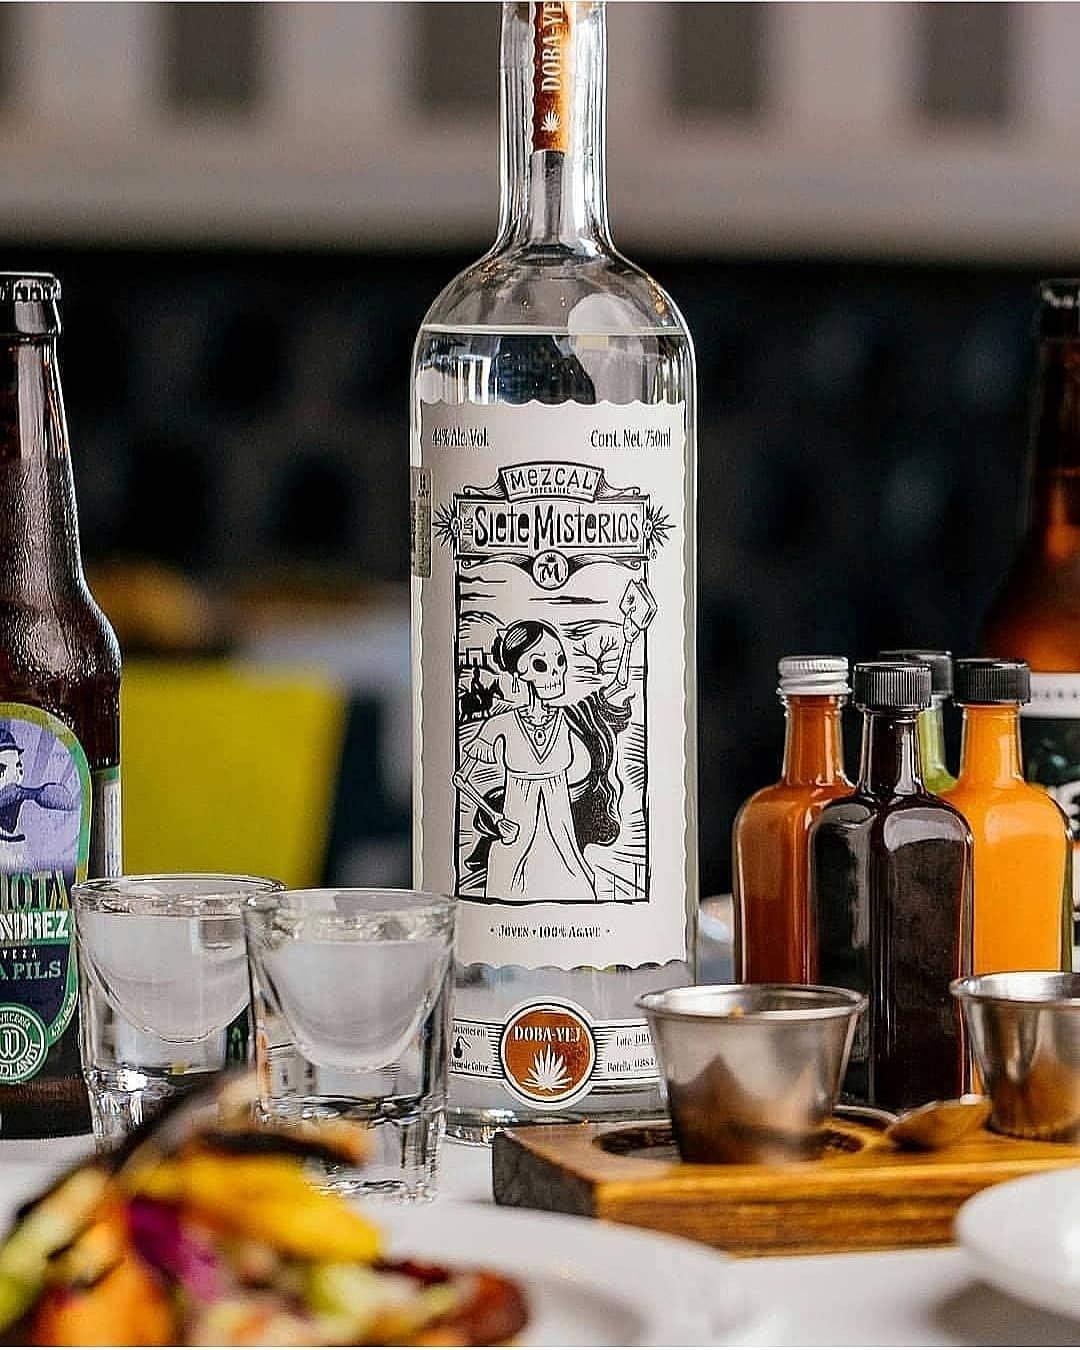 Siete Misterios Mezcal Doba Yej, 700 ml, Pack de 1: Amazon.es: Alimentación y bebidas